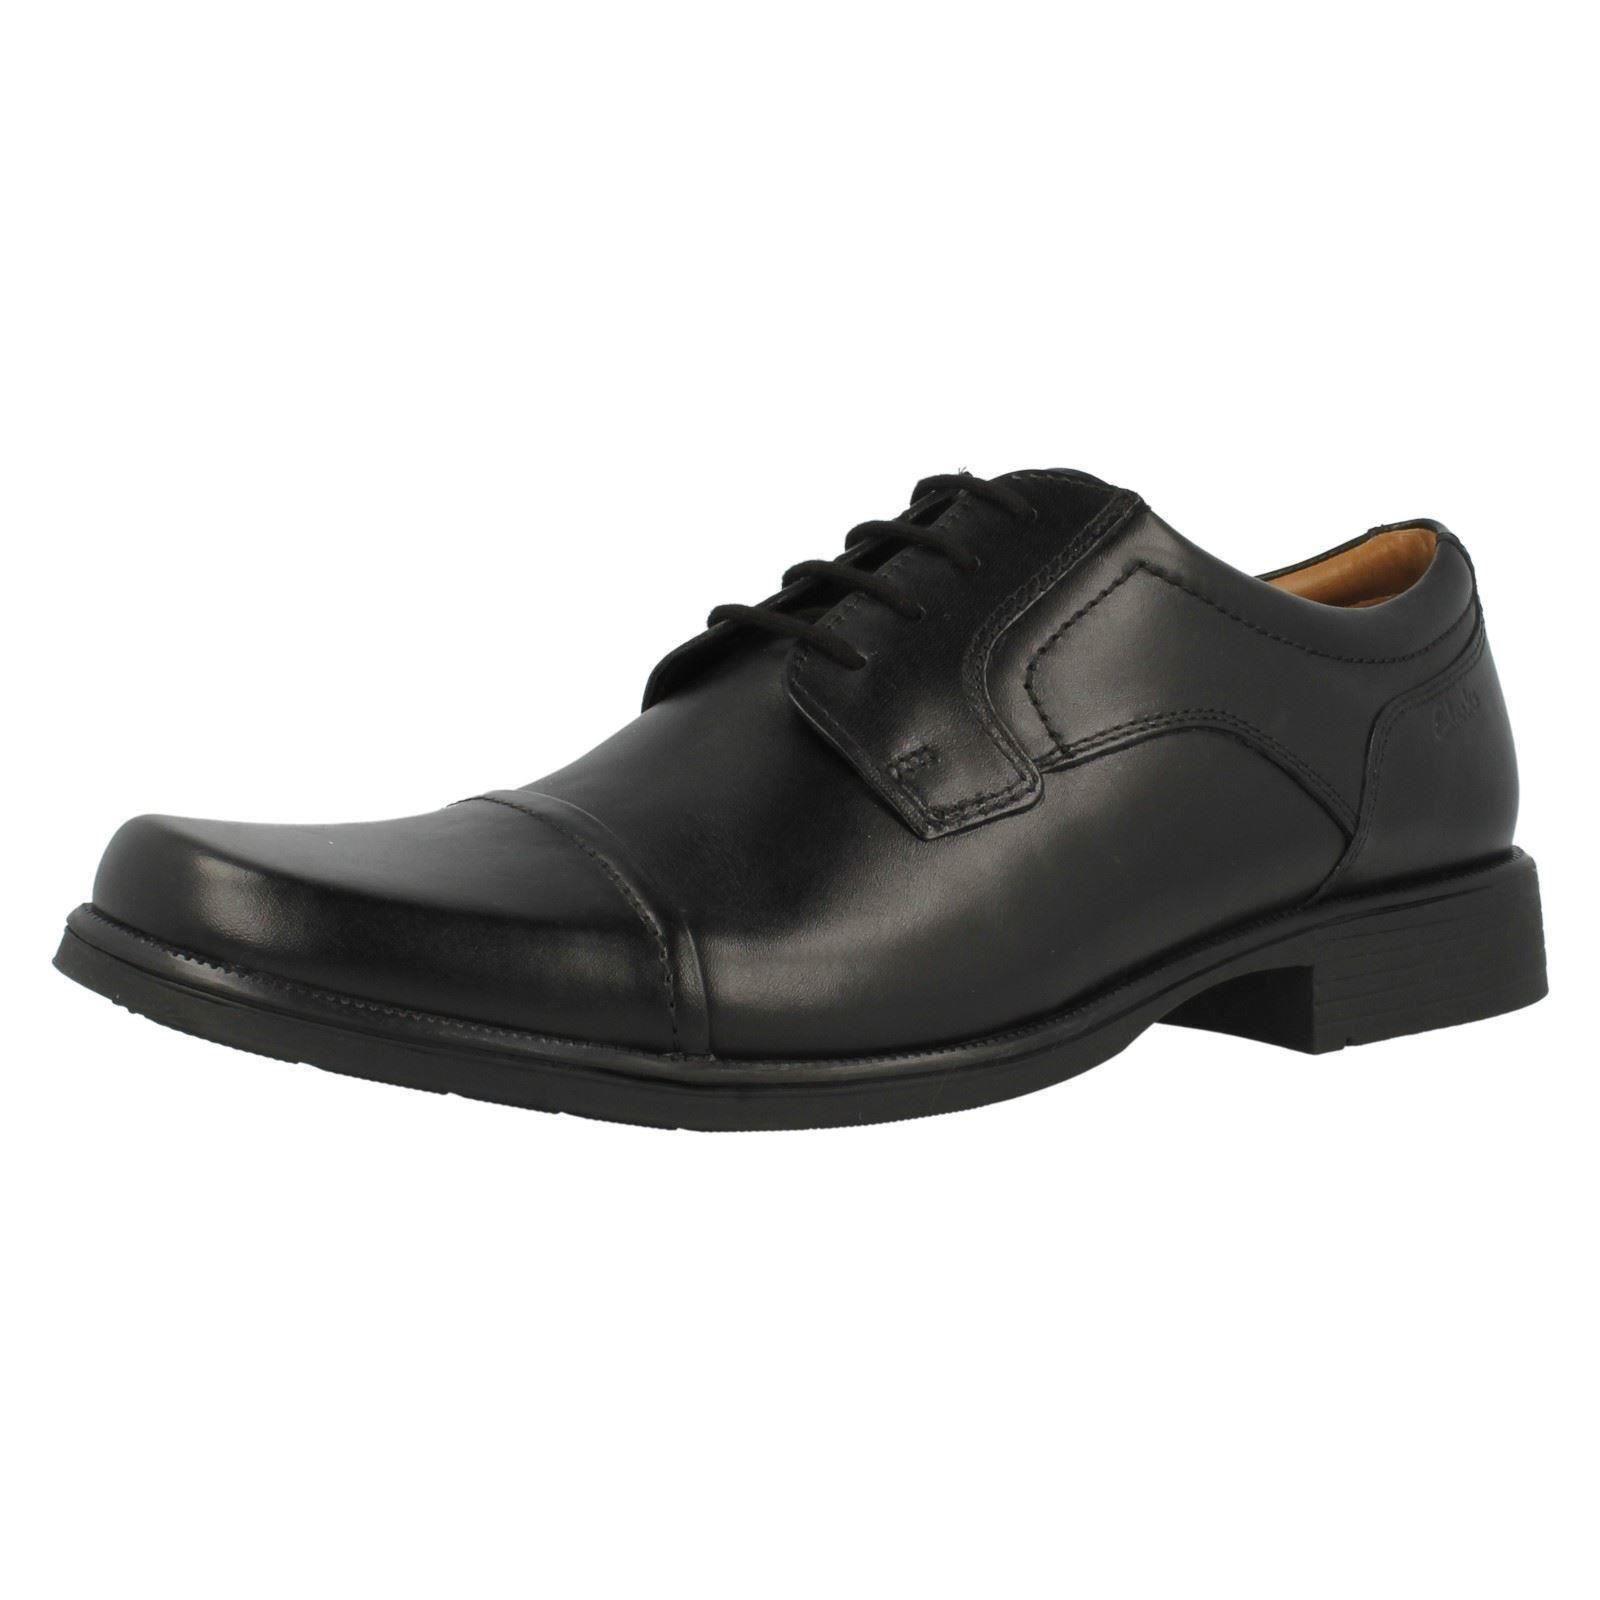 Clarks huckley Kappe schwarze geschnürte Leder Herren Arbeit / eleganter Schuh